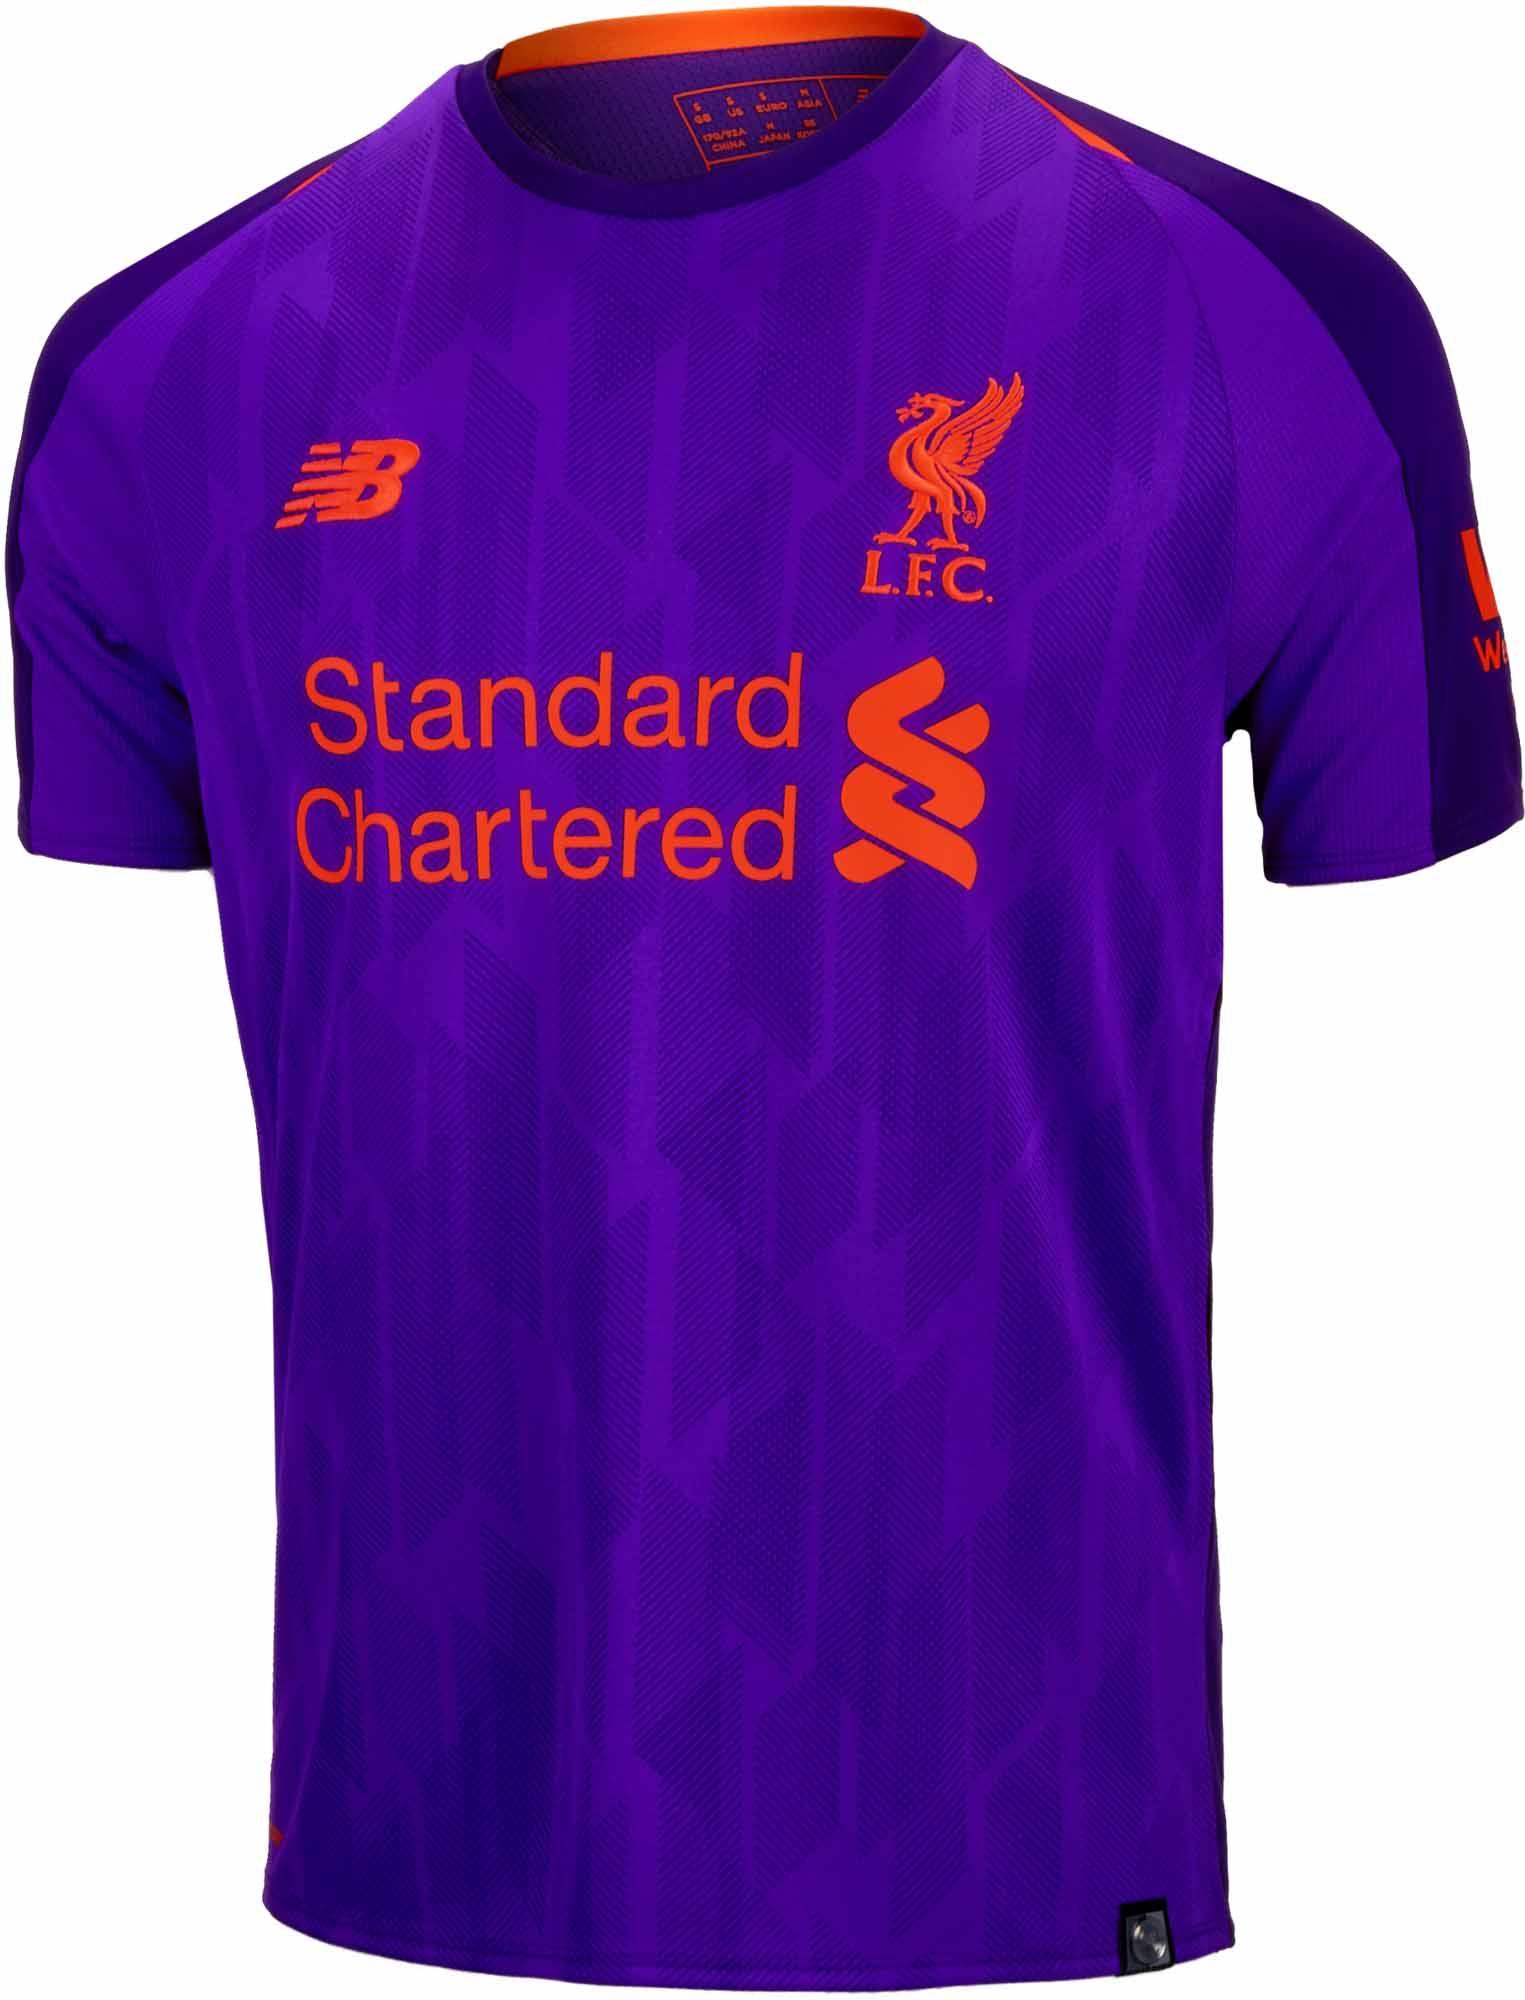 702feb92d 2018 19 New Balance Liverpool Away Jersey - SoccerPro